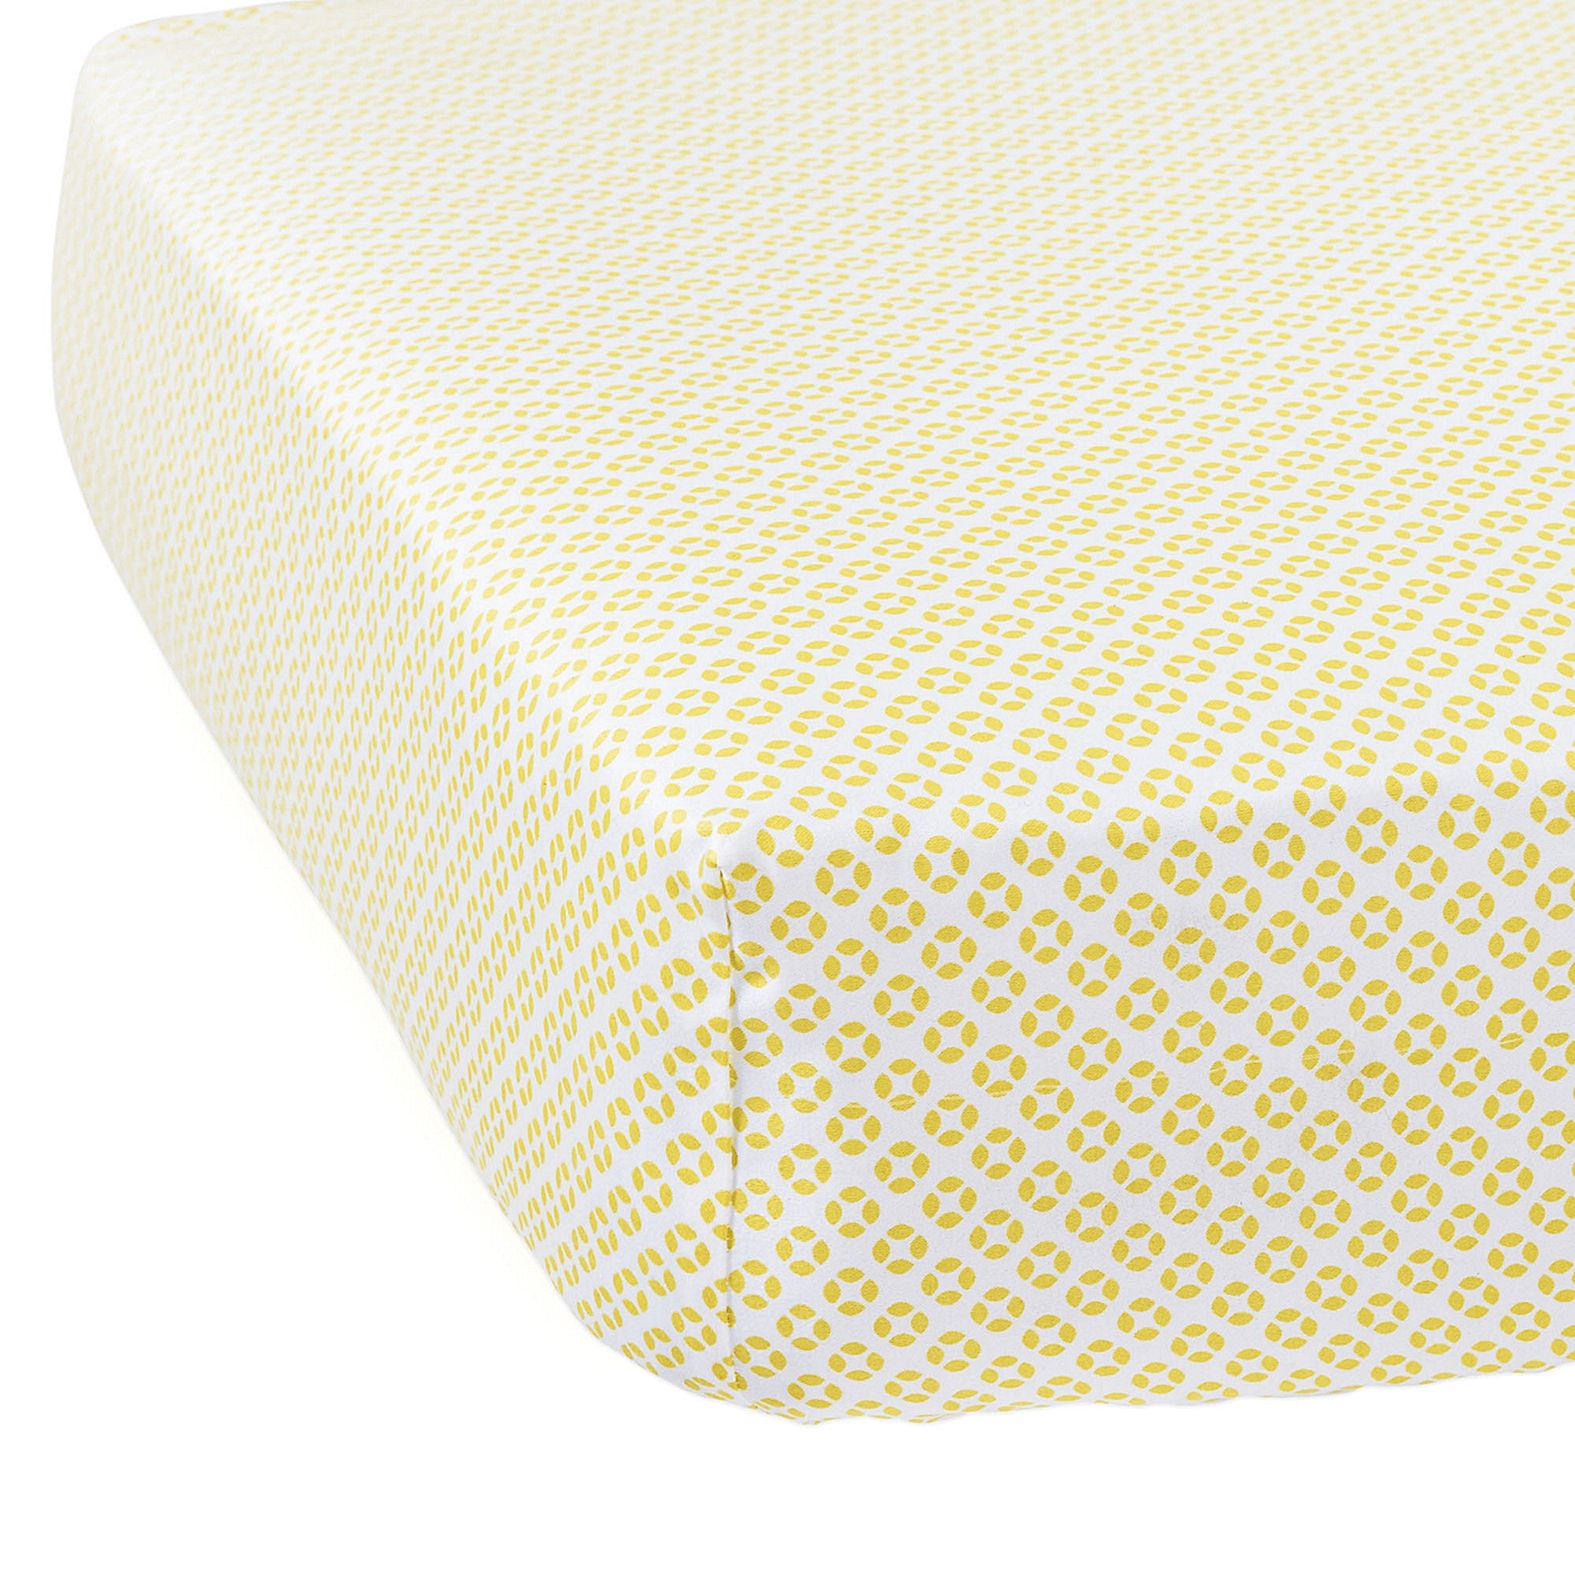 Cut Circles Crib Sheet – Citrine | Serena & Lily